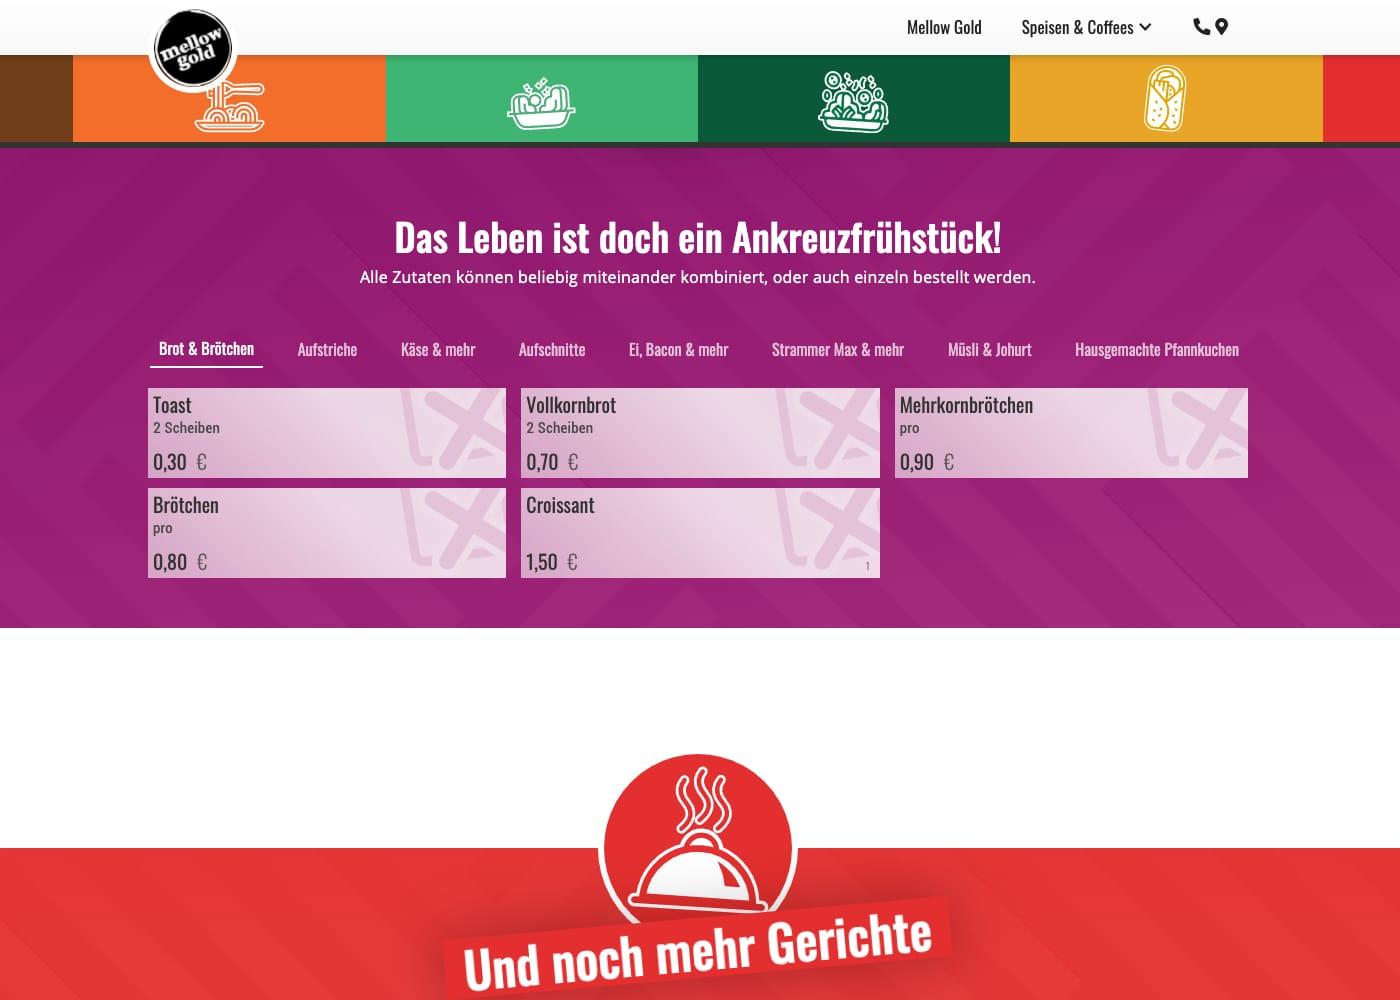 Screen der Website »mellow-gold.de« mit der Frühstückskarte